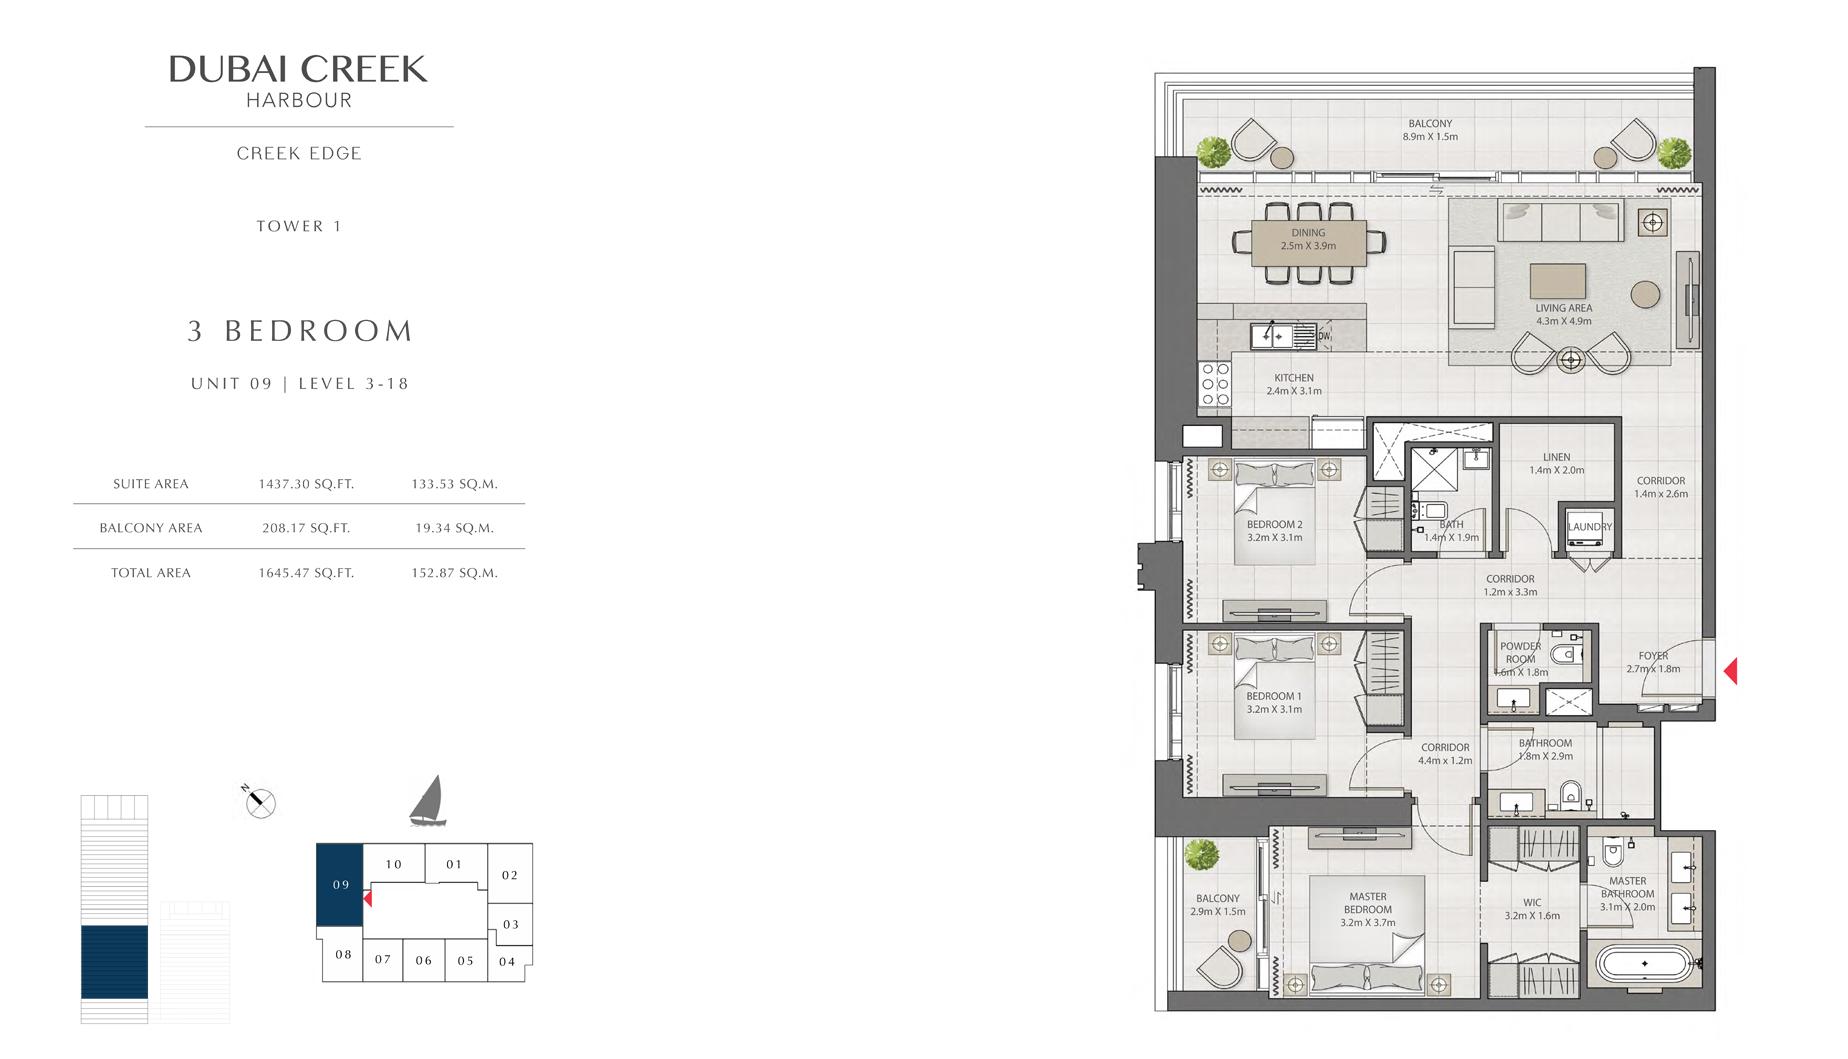 3 غرف نوم، برج 1، وحدة 09 المستوى 3-18  حجم 1645 قدم مربع